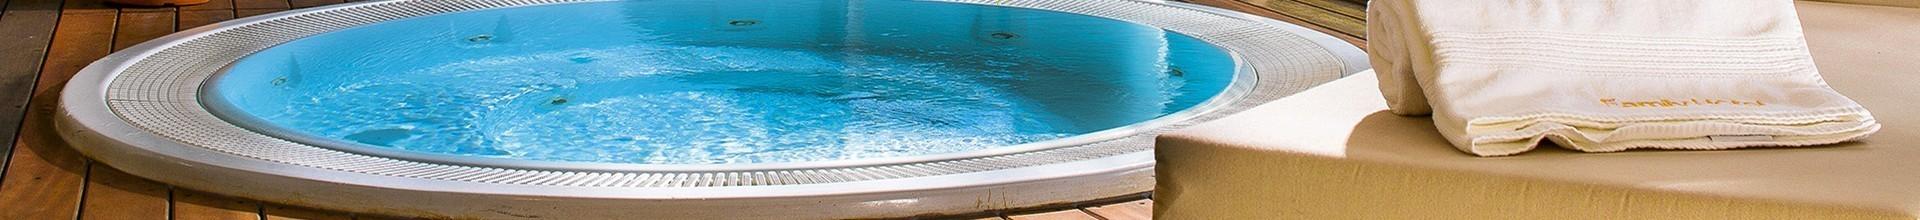 Le brome est un désinfectant naturel extrait de l'eau de mer